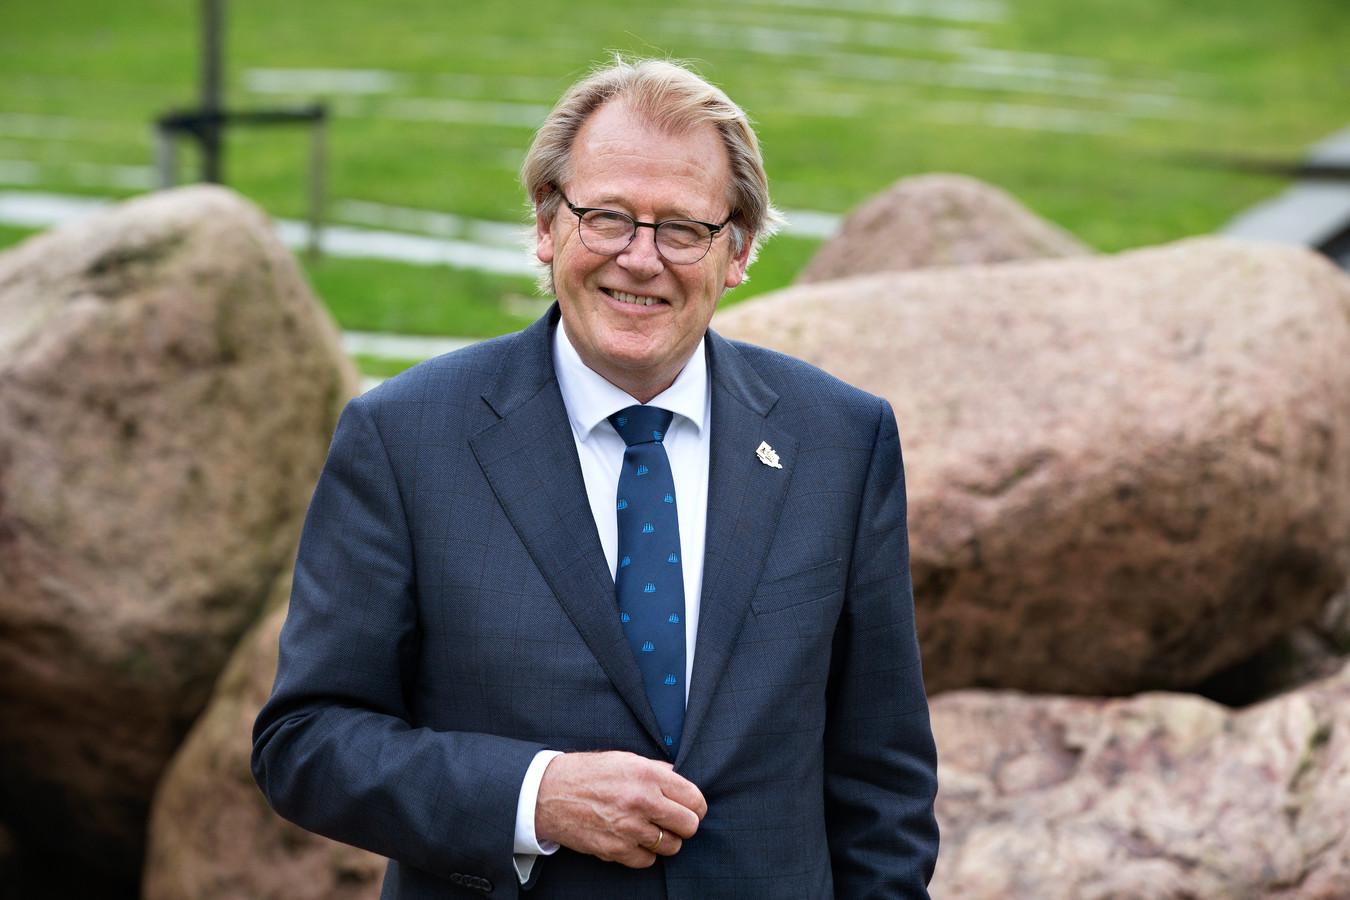 Jaap Smit, Commissaris van de Koning in Zuid-Holland, besloot pas dat er een waarnemer komt in Barendrecht. De opvolger van Jan van Belzen, diemet pensioen gaat, moet ook de bestuurlijke rust zien terug te brengen.